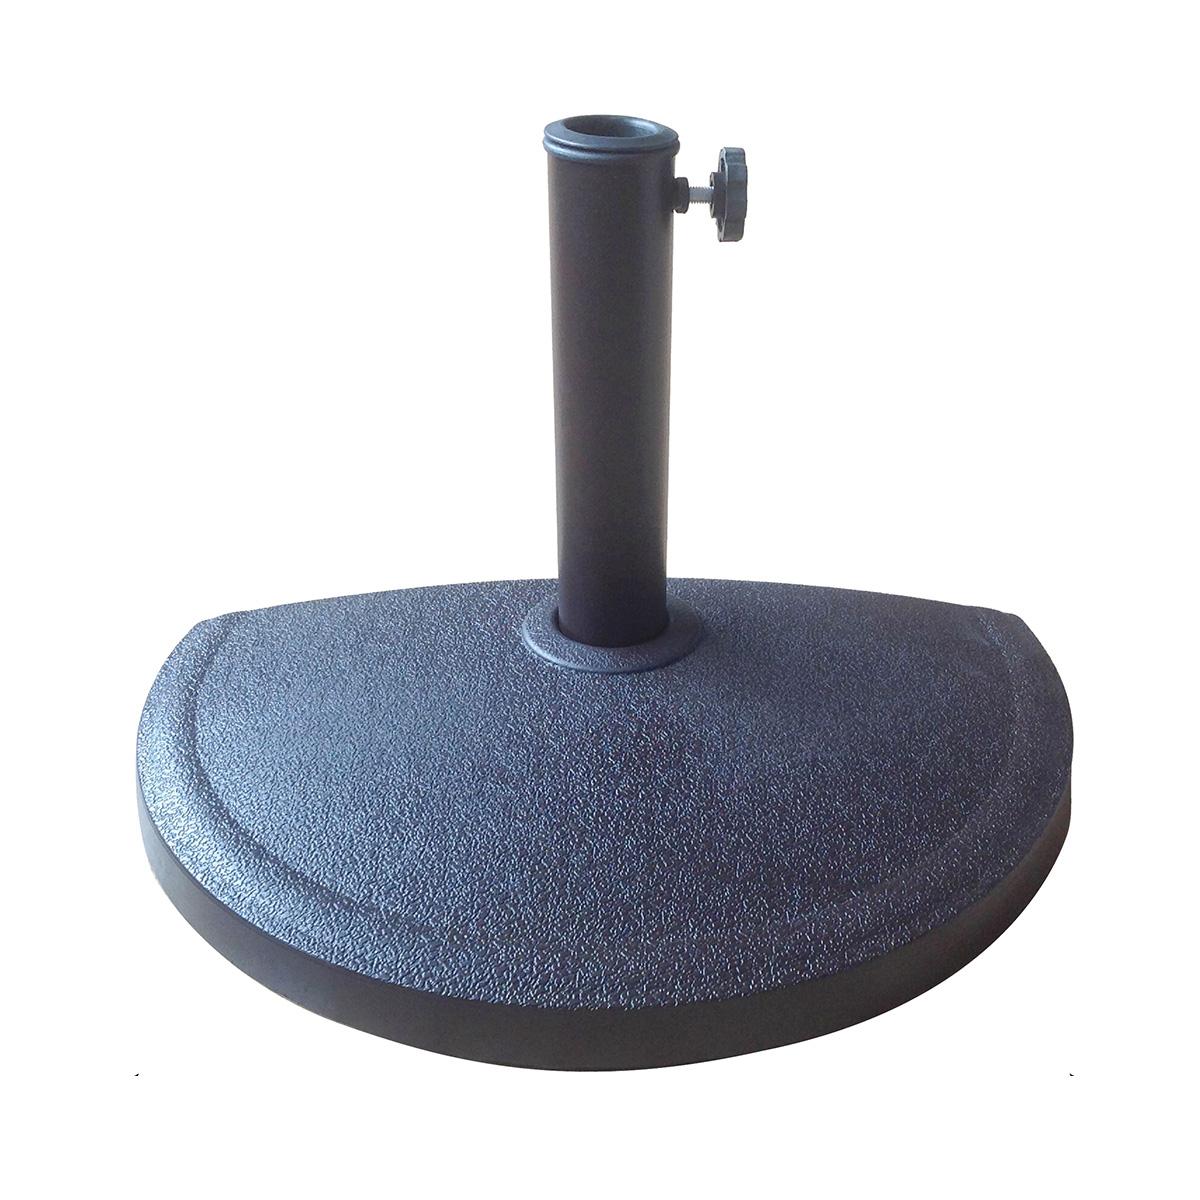 Demi-pied de parasol noir en résine noir, diamètre 5,7 cm